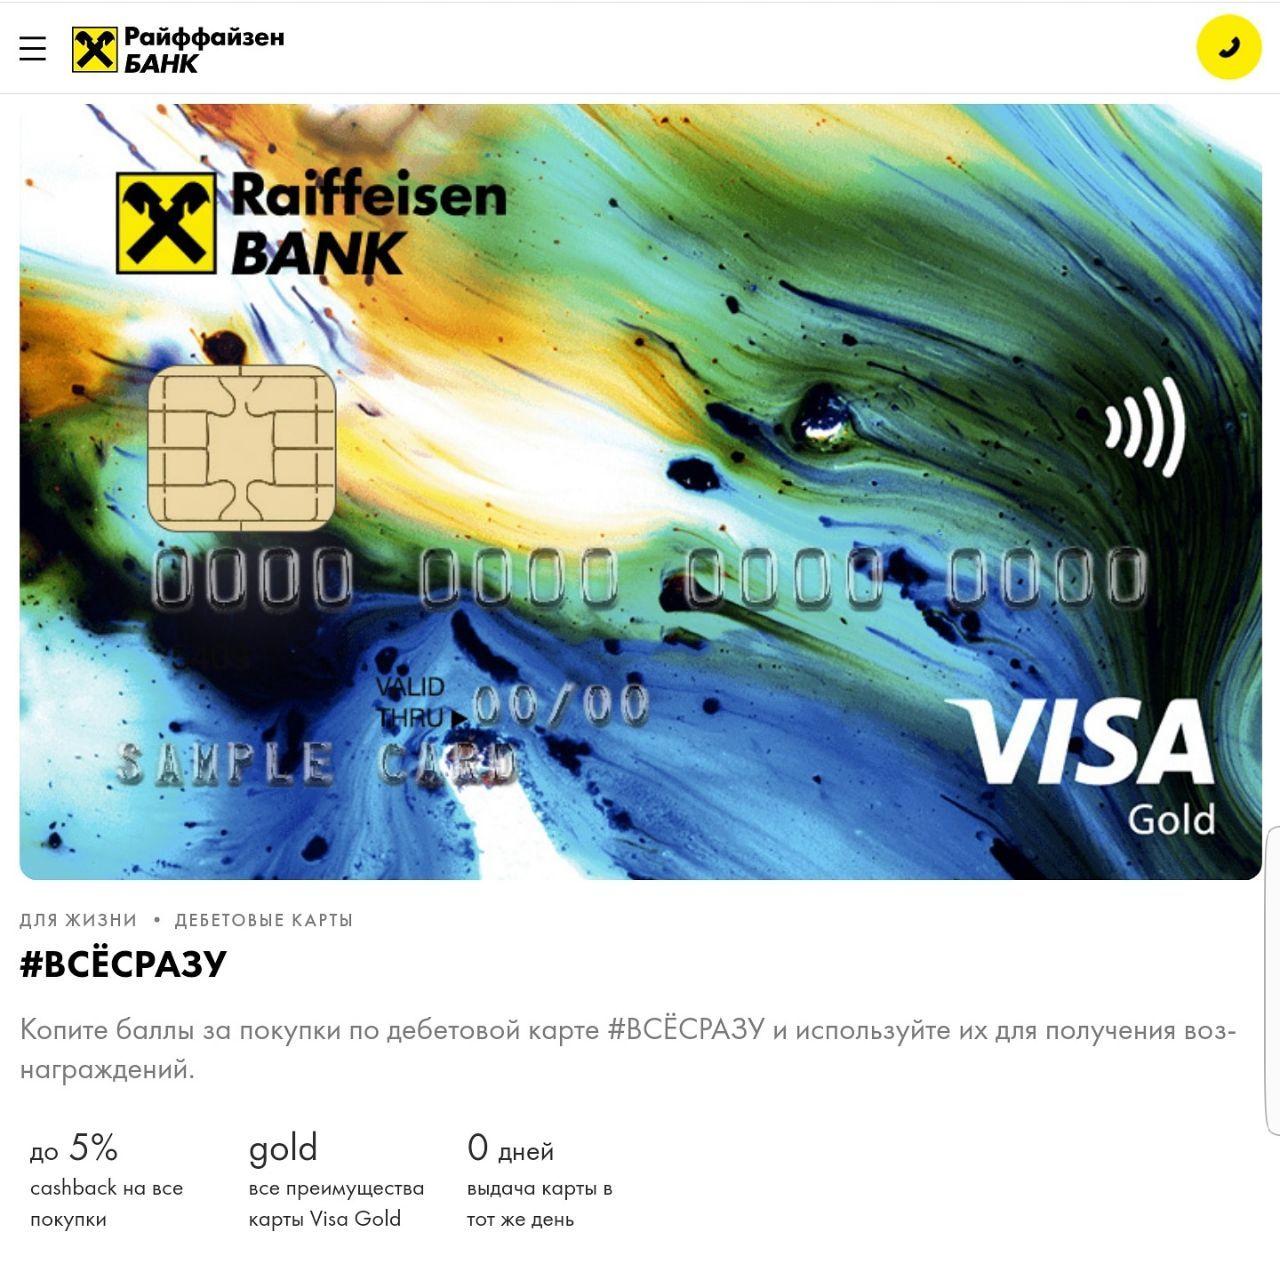 Банк хоум кредит оренбург адреса